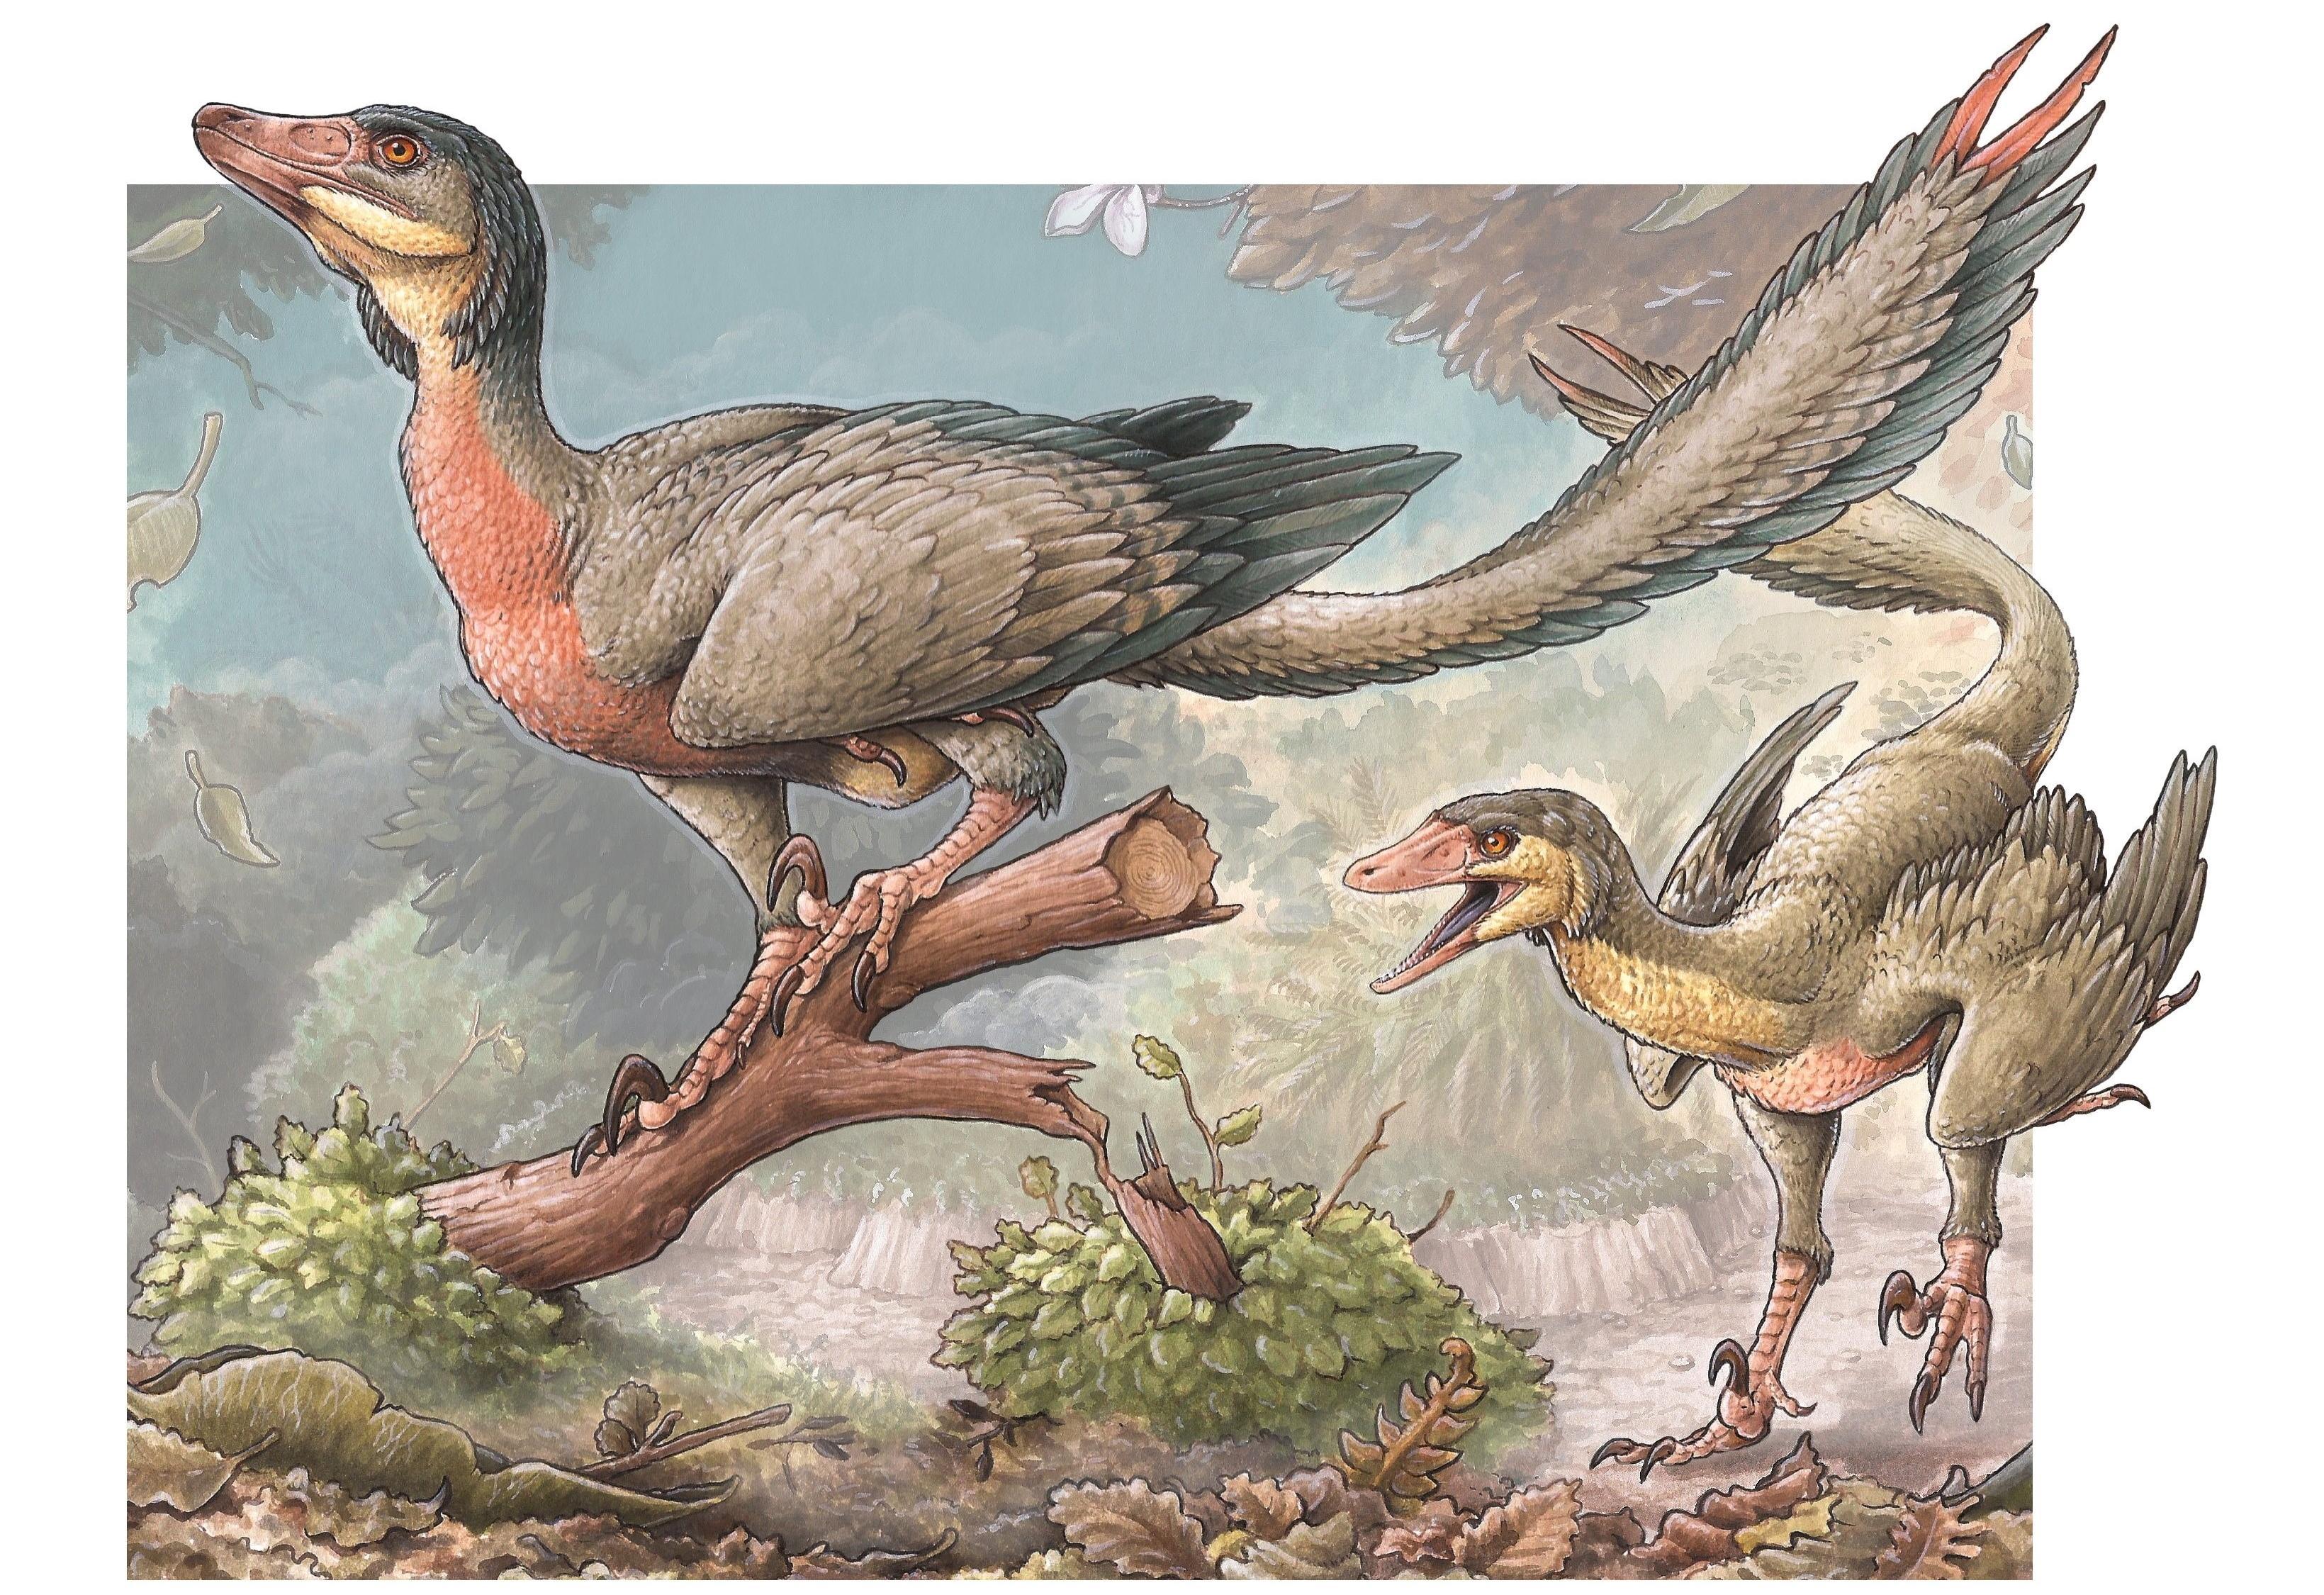 Ученые открыли новый вид динозавров с похожими на крылья передними конечностями